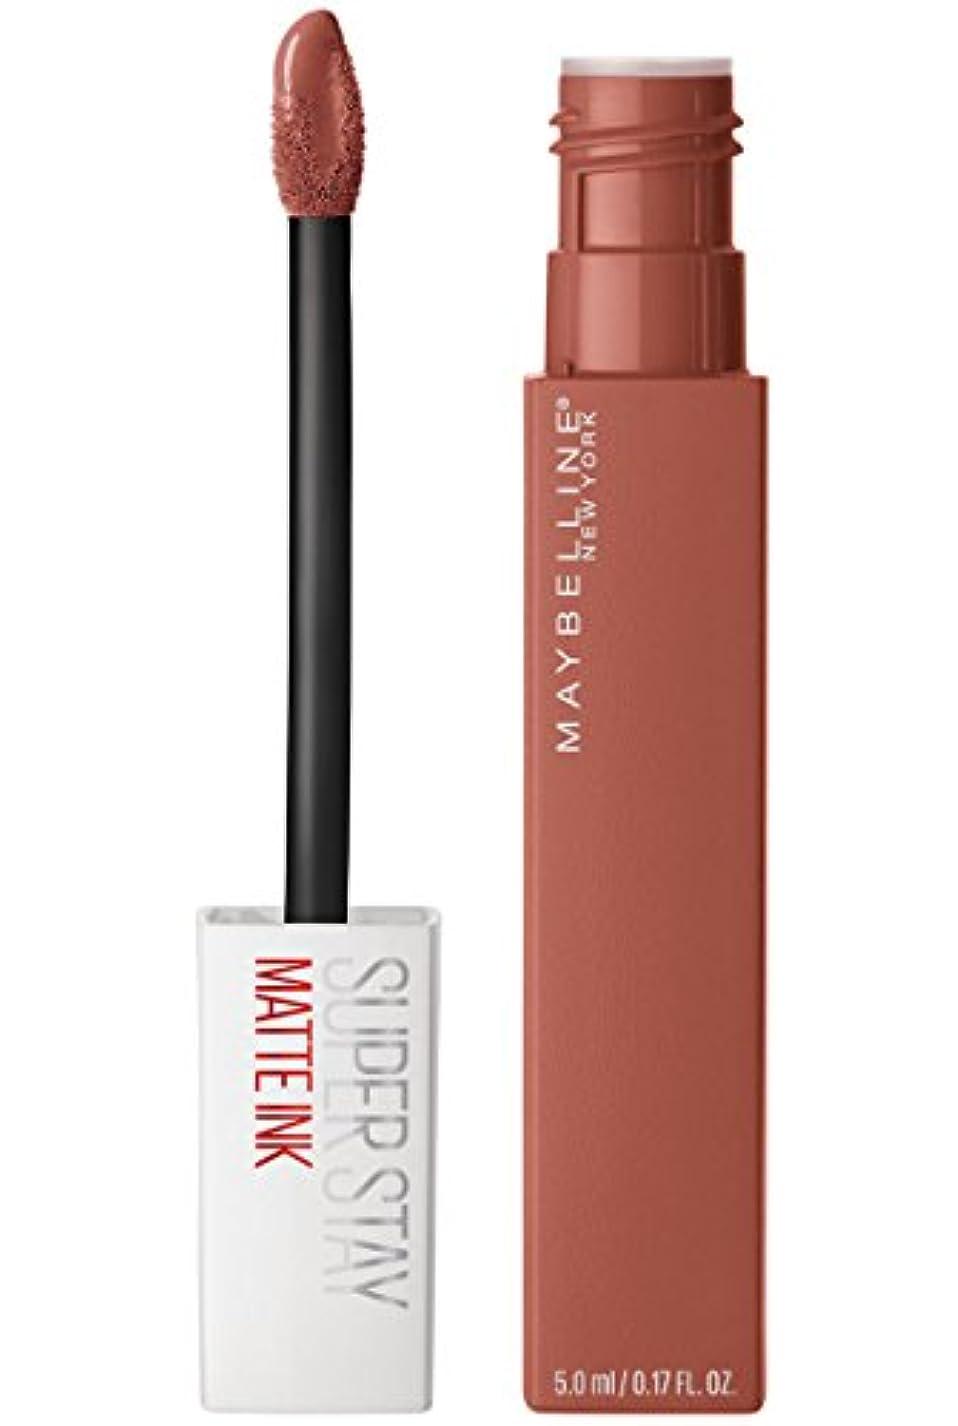 想像力豊かな粒子生息地Maybelline New York Super Stay Matte Ink Liquid Lipstick,70 Amazonian, 5ml